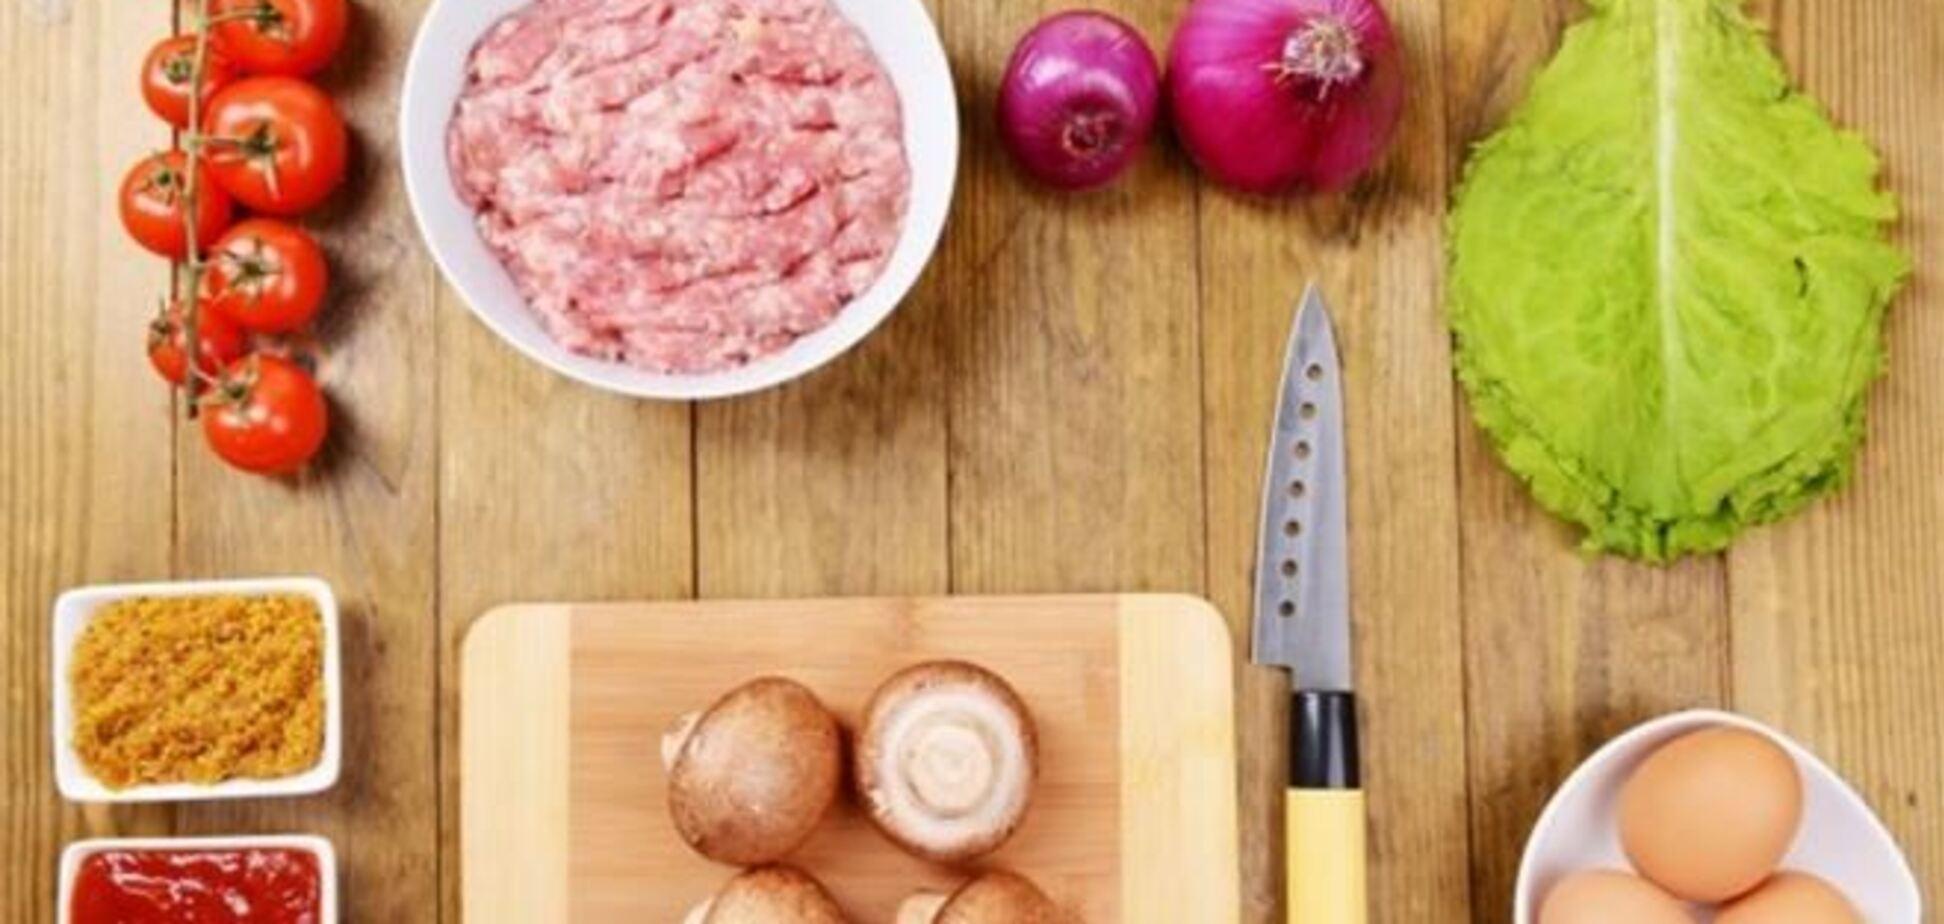 Как быстро готовить и оставлять кухню чистой